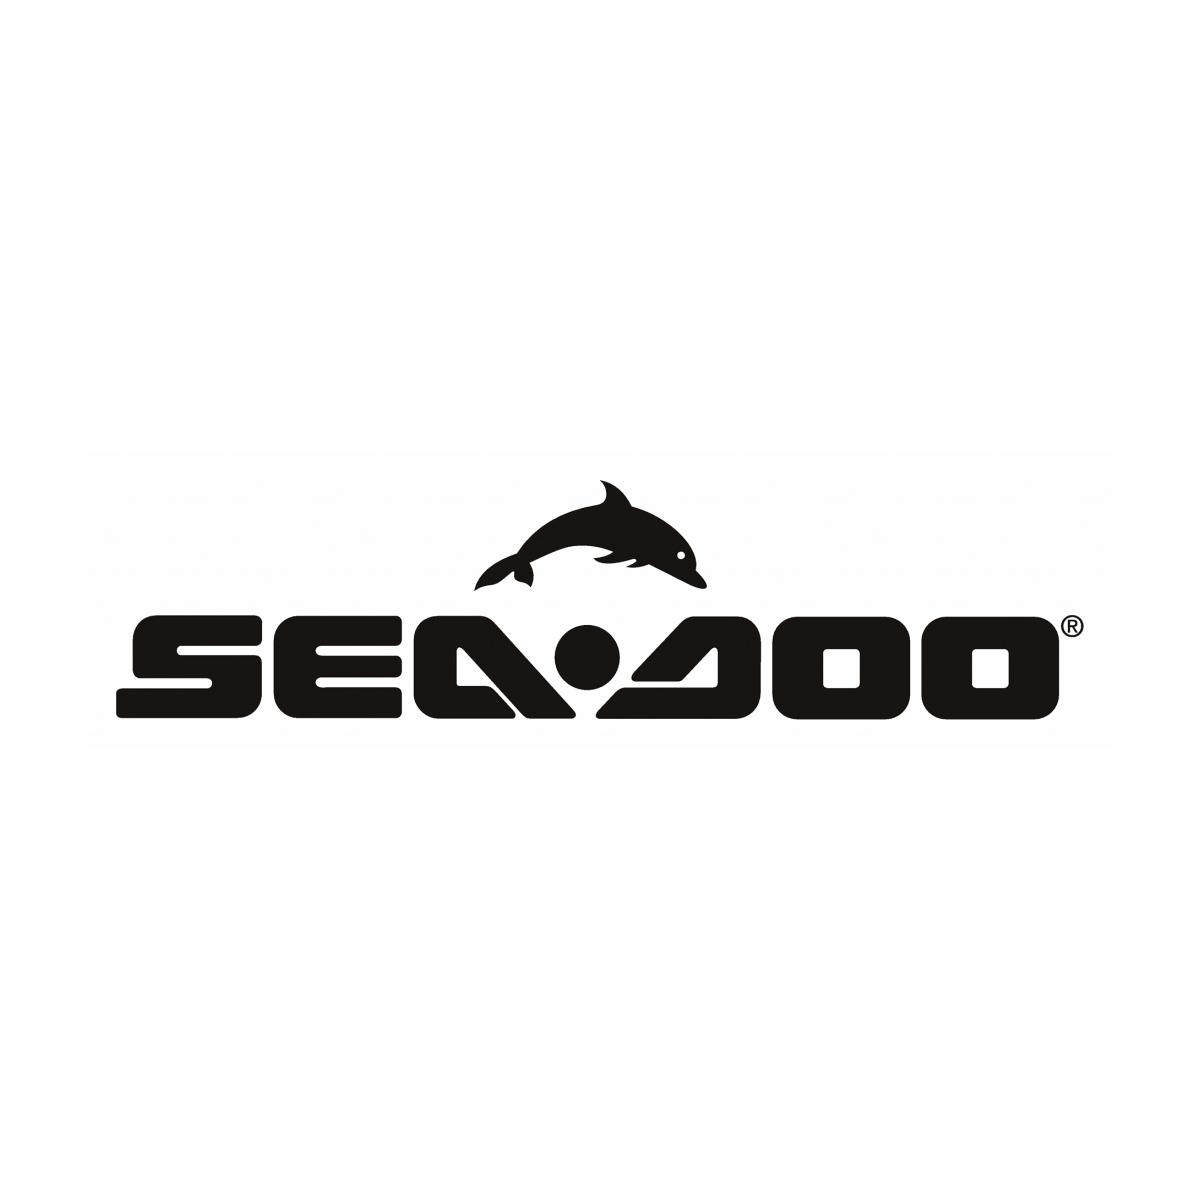 Carcaça Vira Motor Jet Ski Sea Doo 800 Original (USADO)  - Radical Peças - Peças para Jet Ski